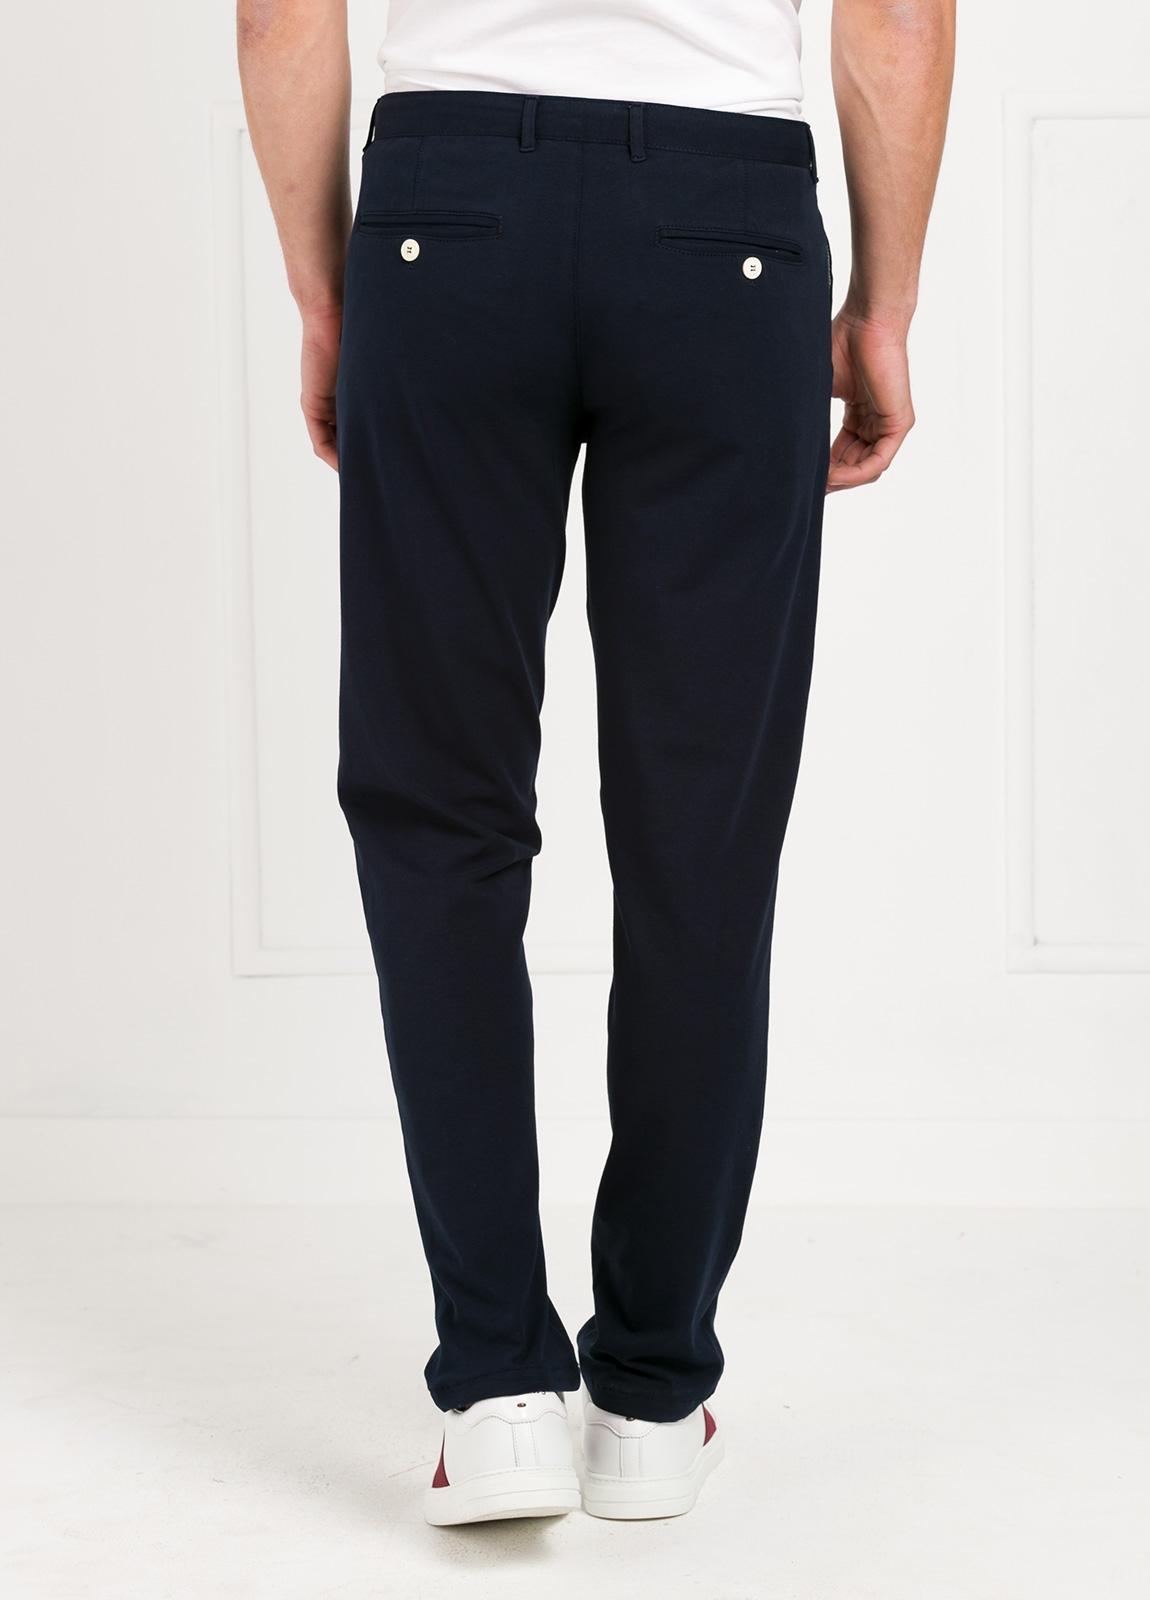 Pantalón de punto color azul marino. 96% Algodón 4% Elastano. - Ítem2